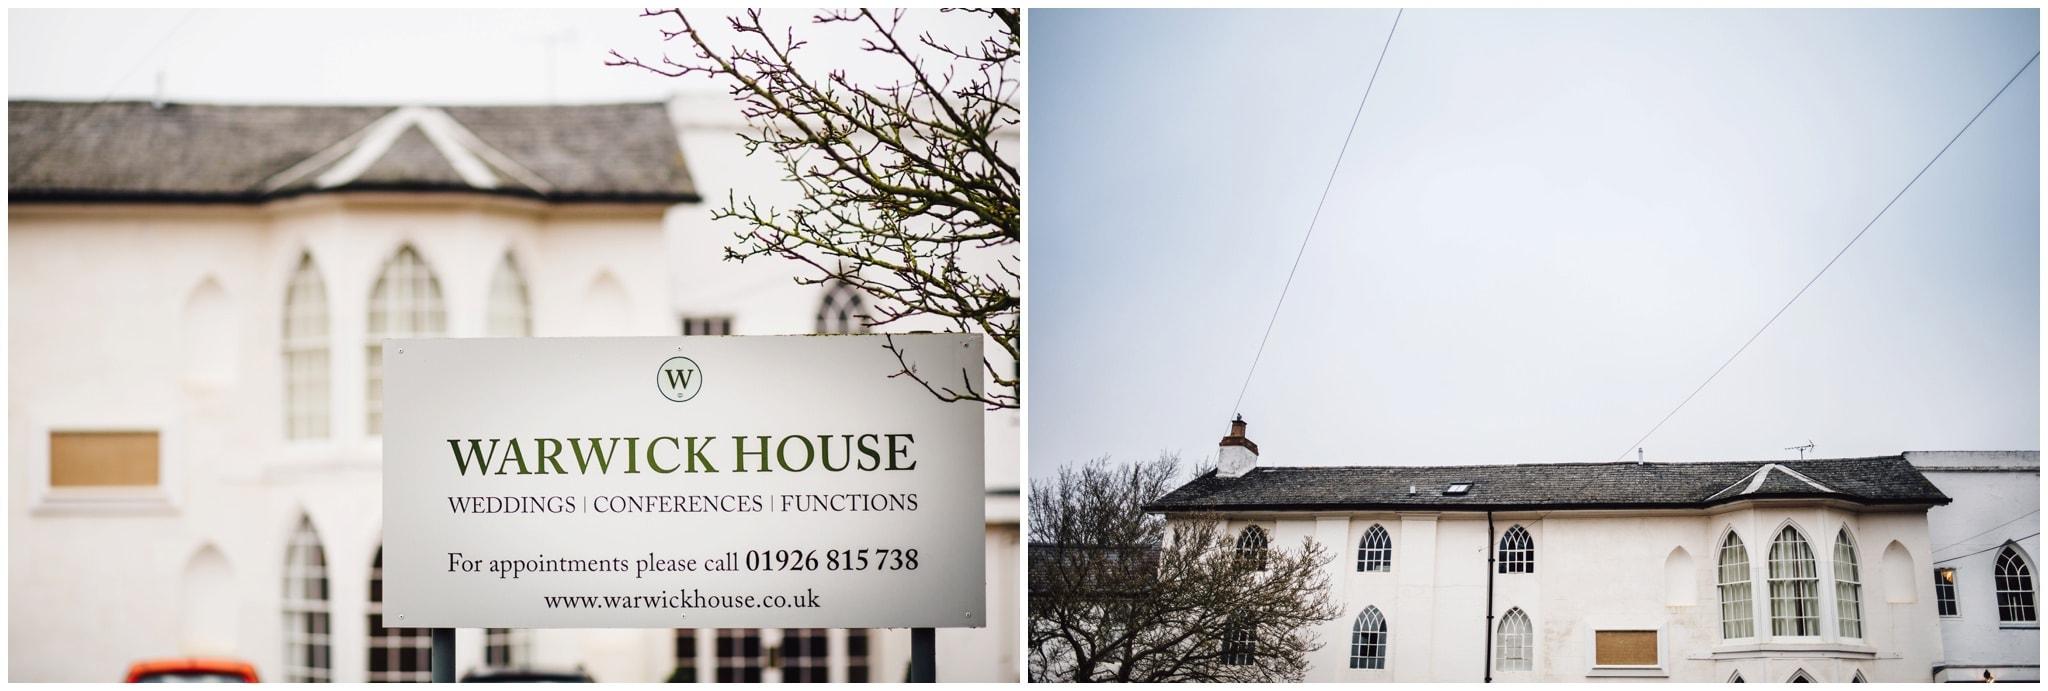 warwick house, southam